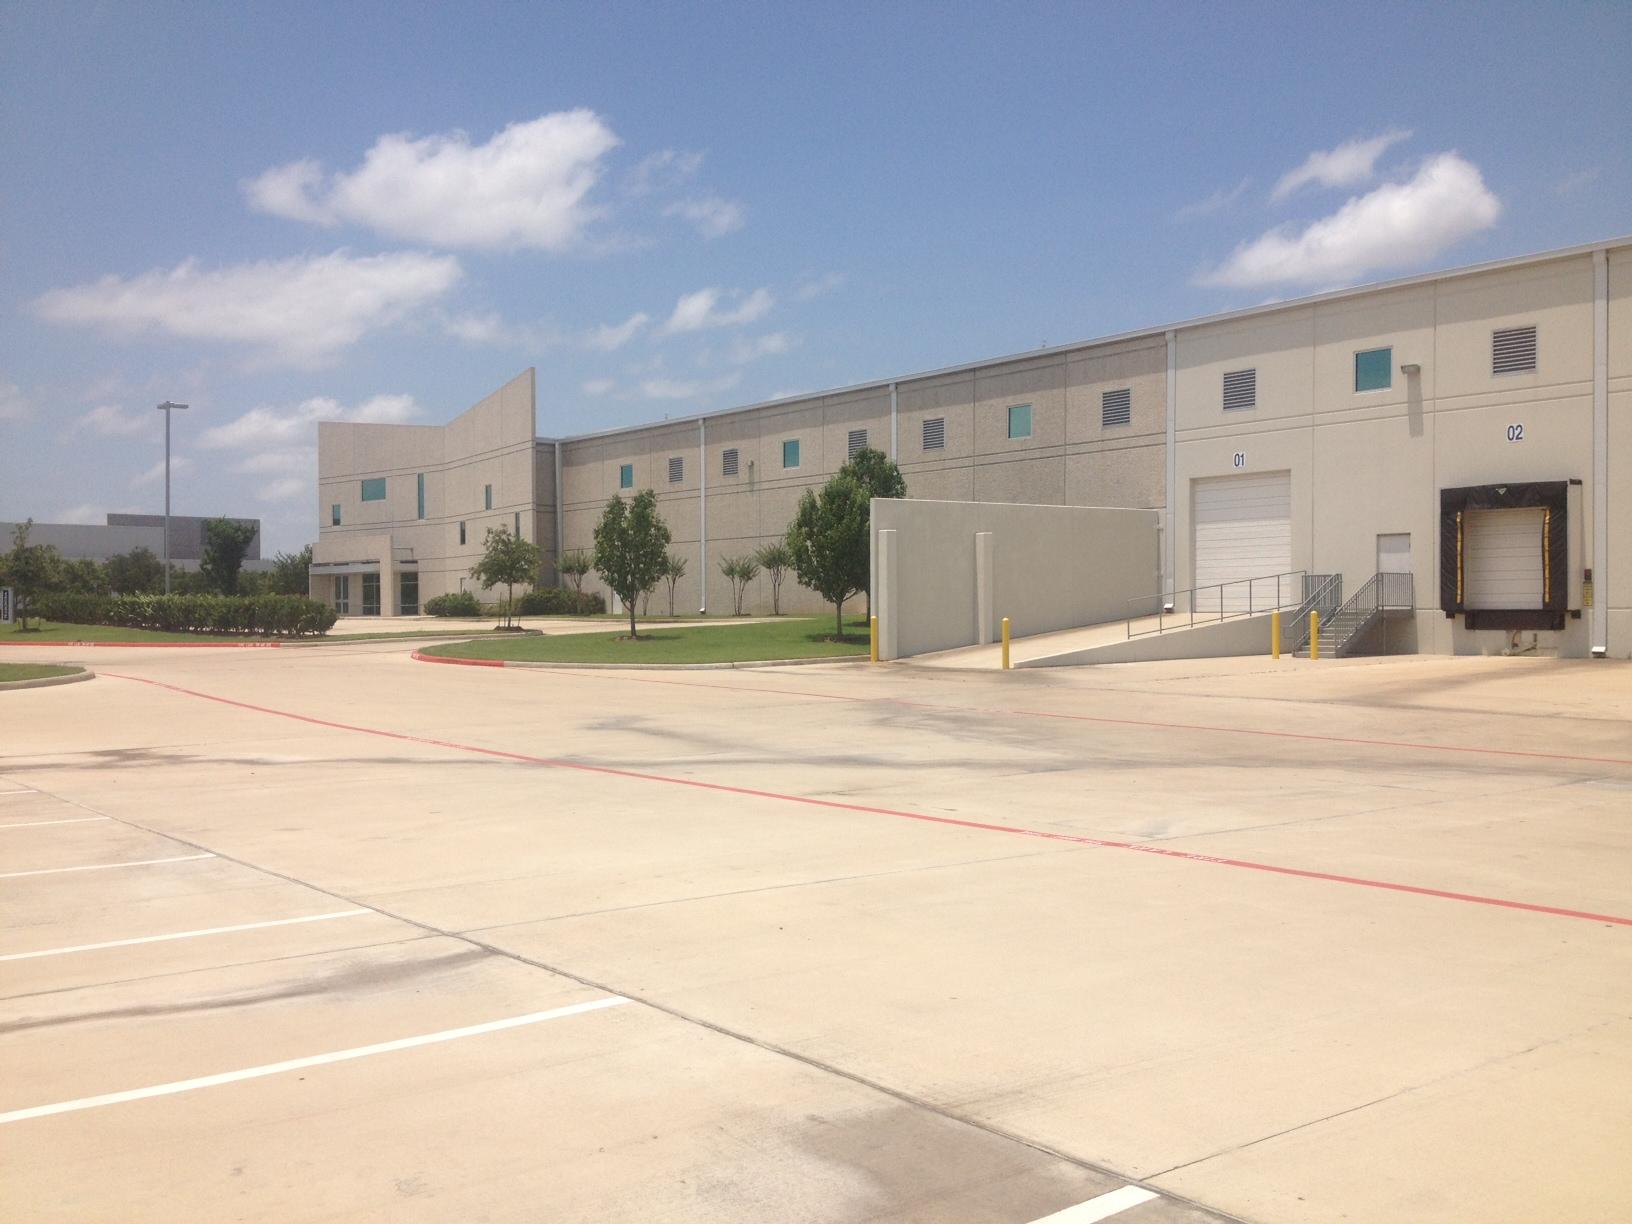 Commerce Center Houston Docks Industrial CRE